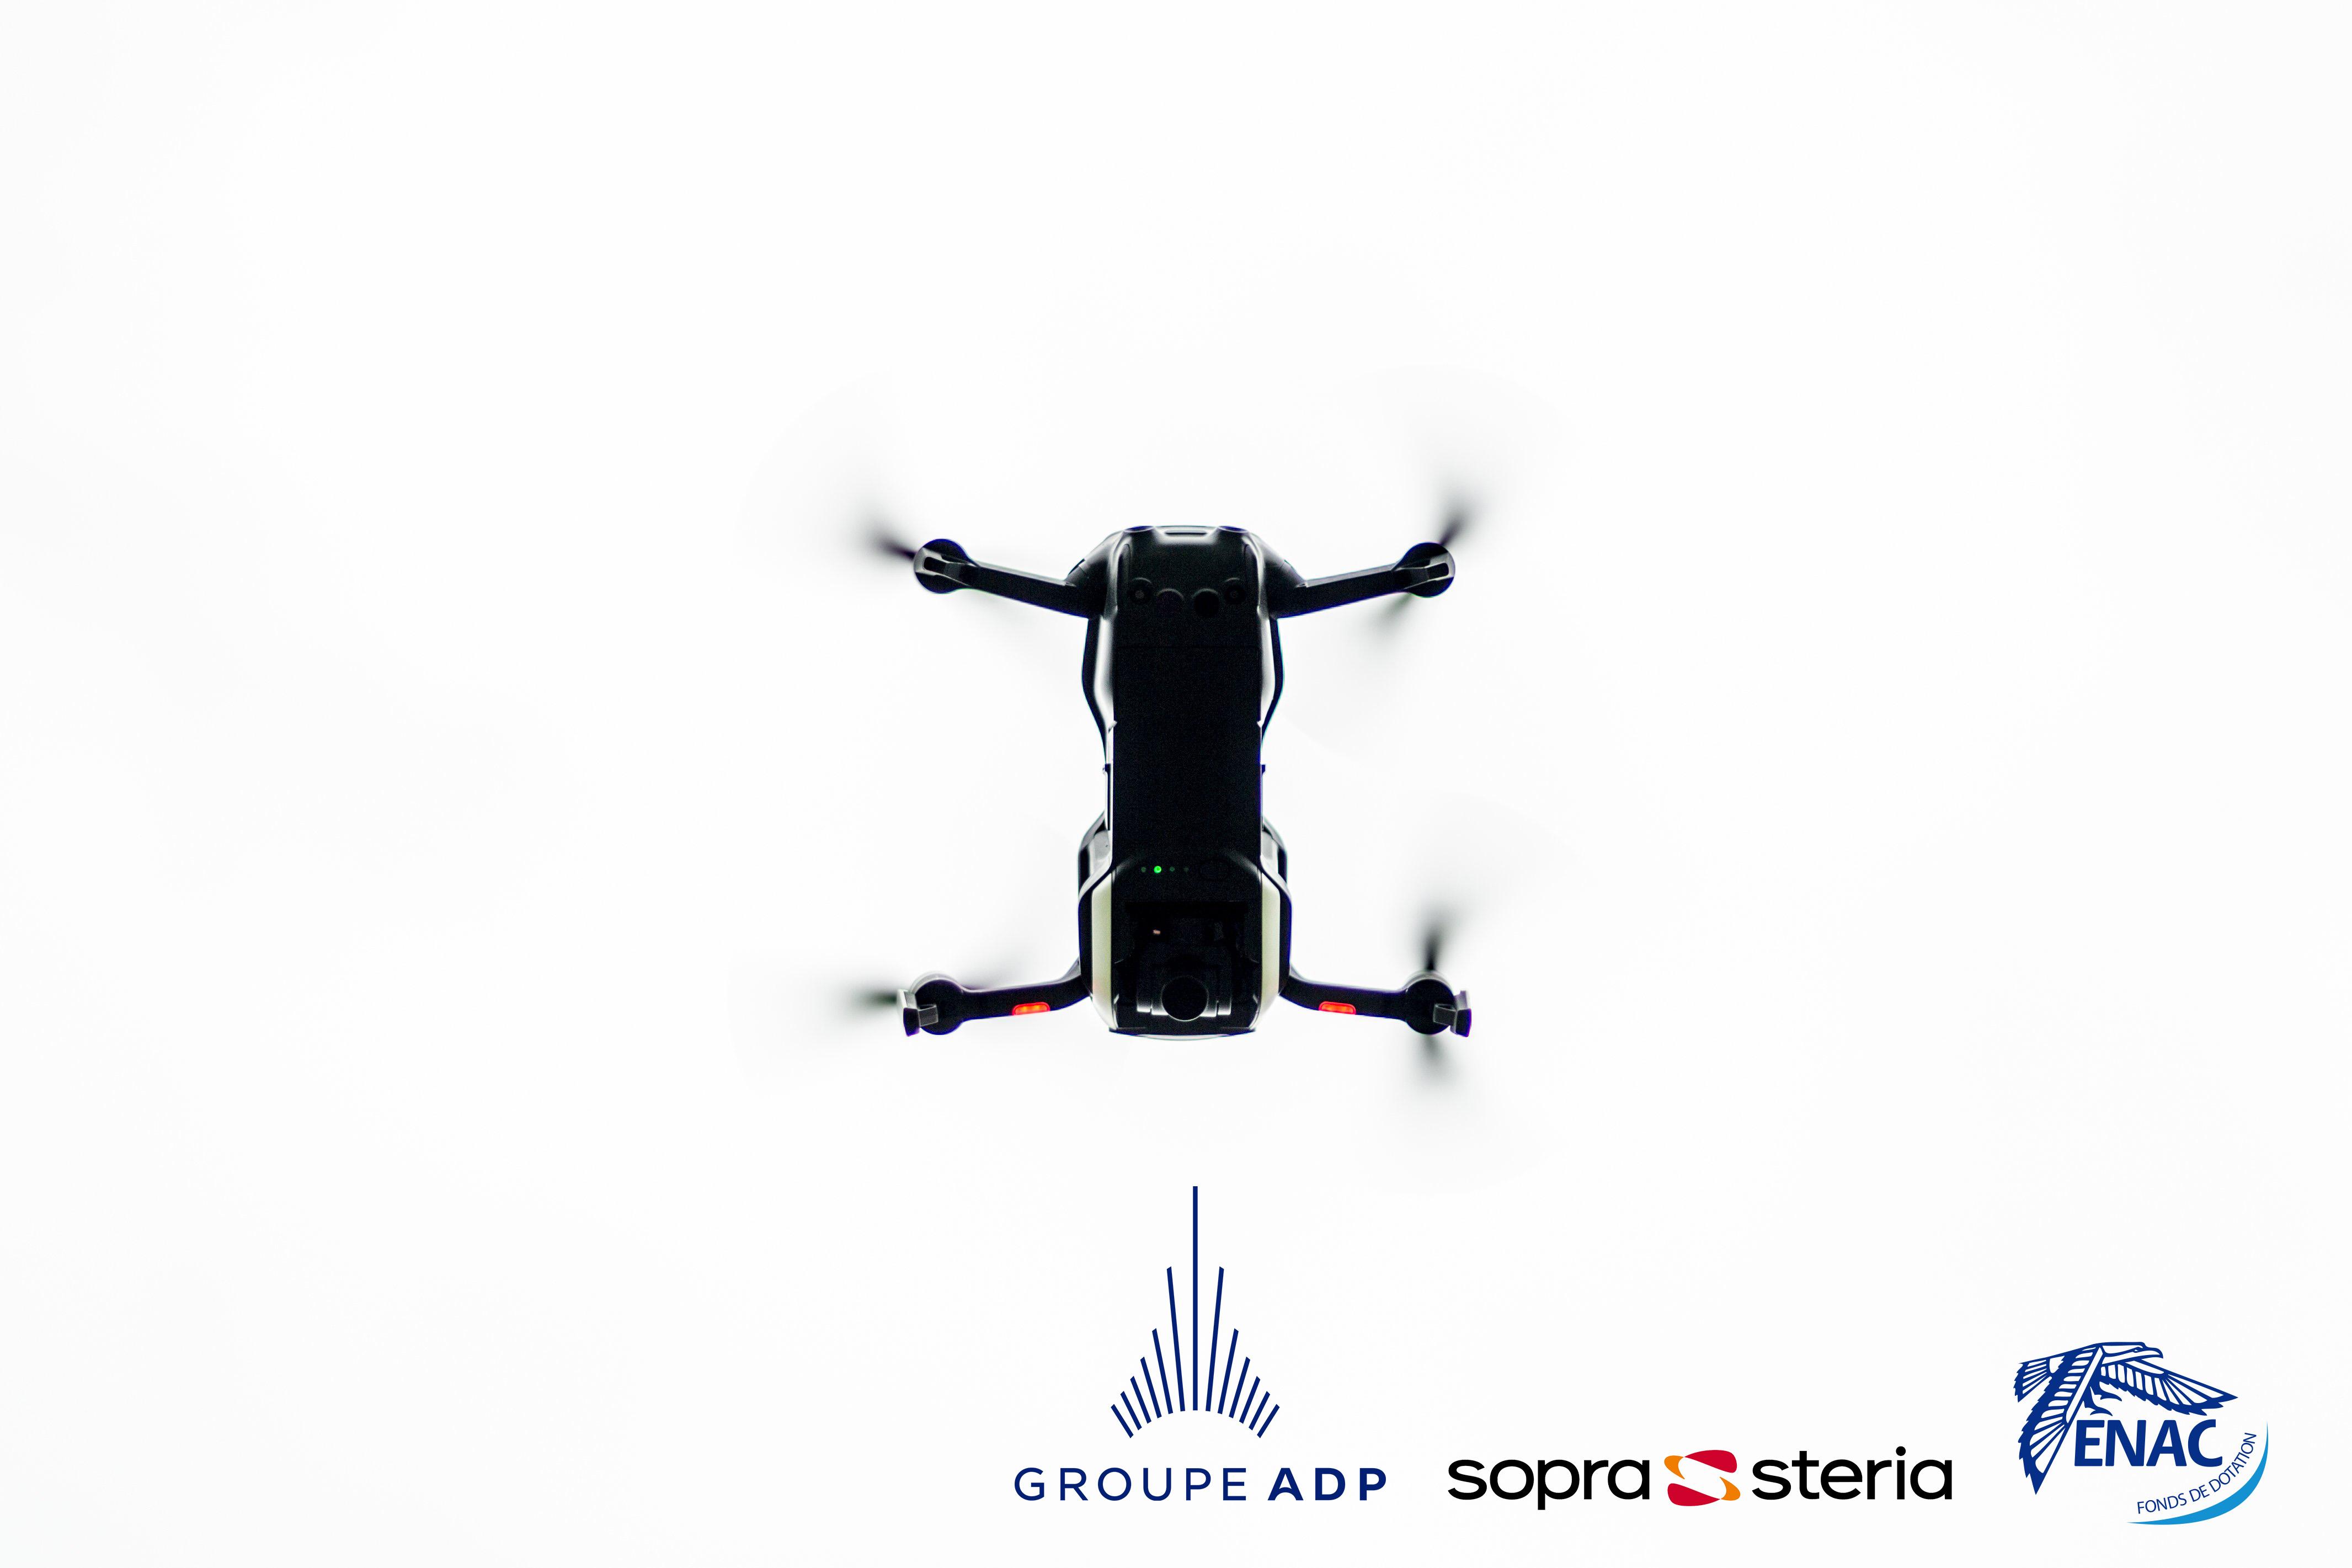 Chaire systèmes de drones